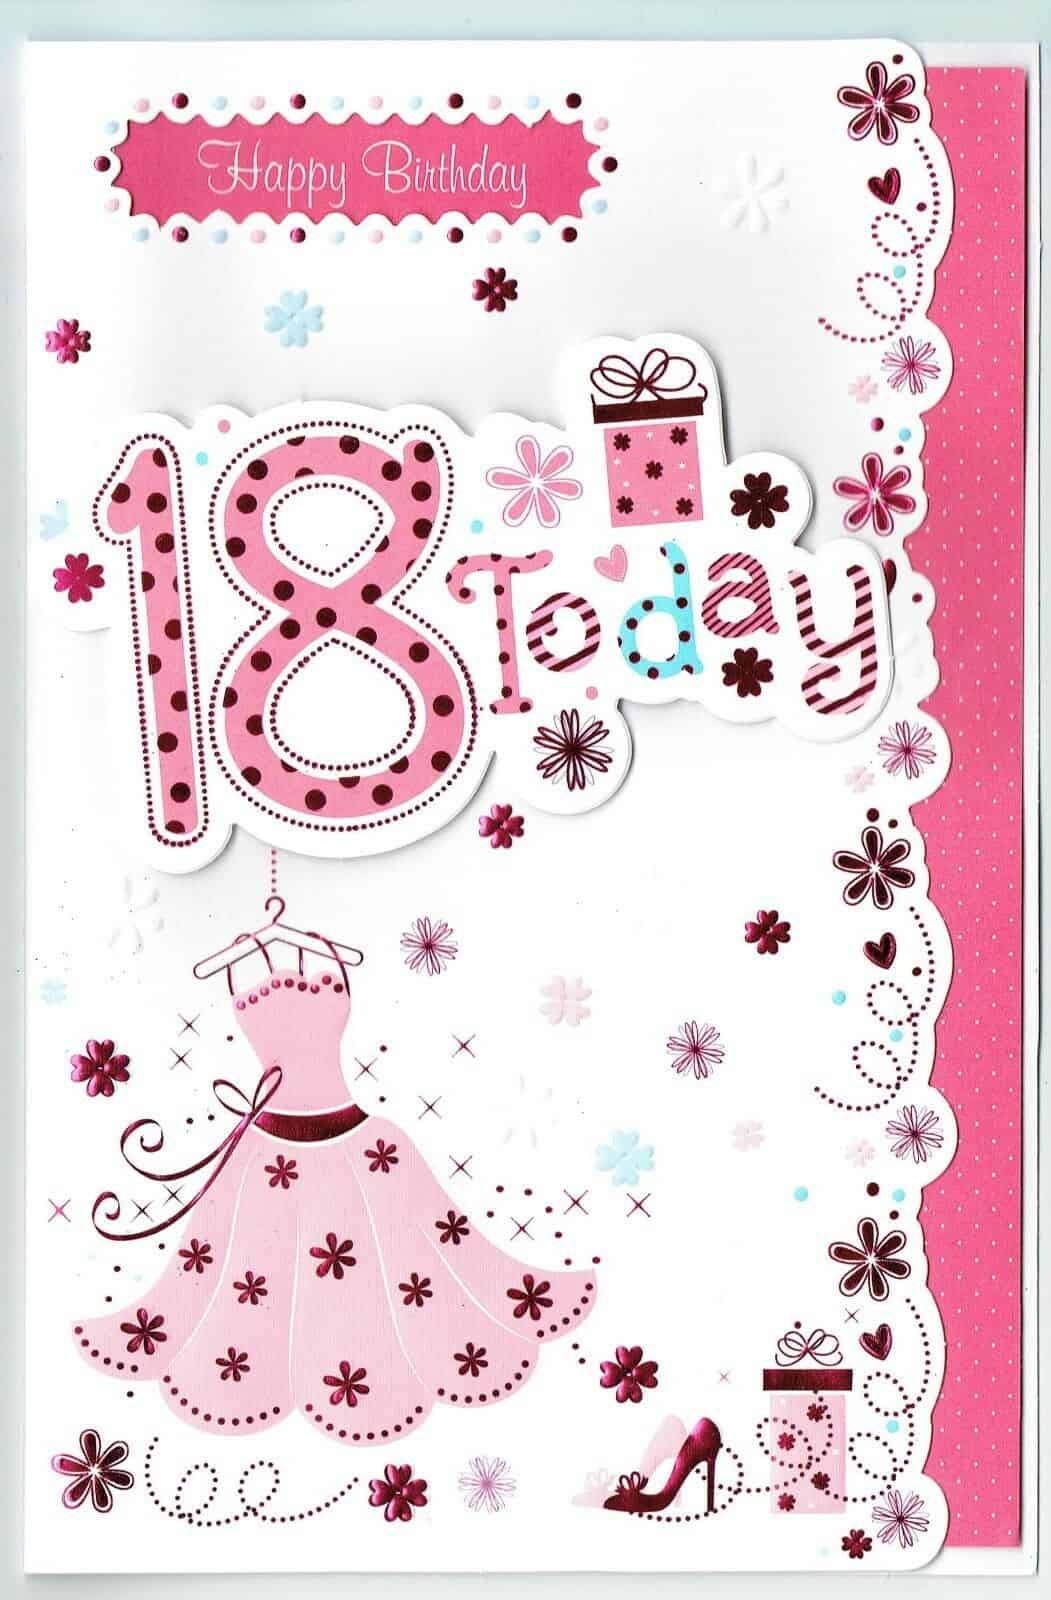 18th female birthday card.